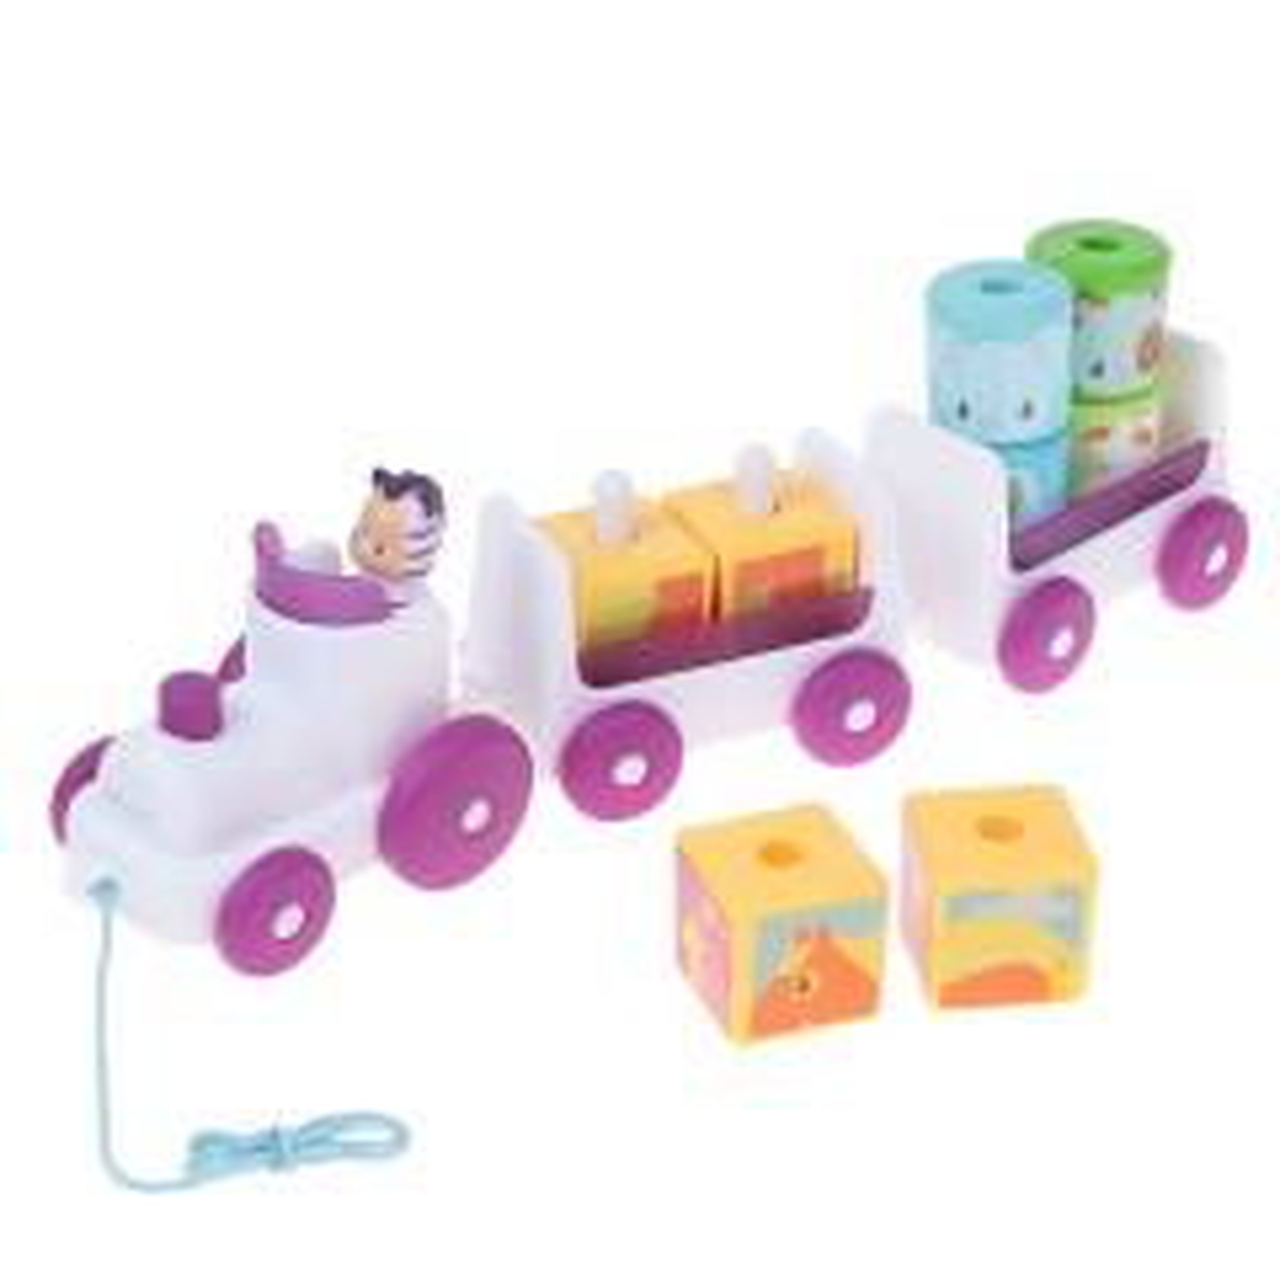 قطار اسباب بازی اسموبی مدل S211216